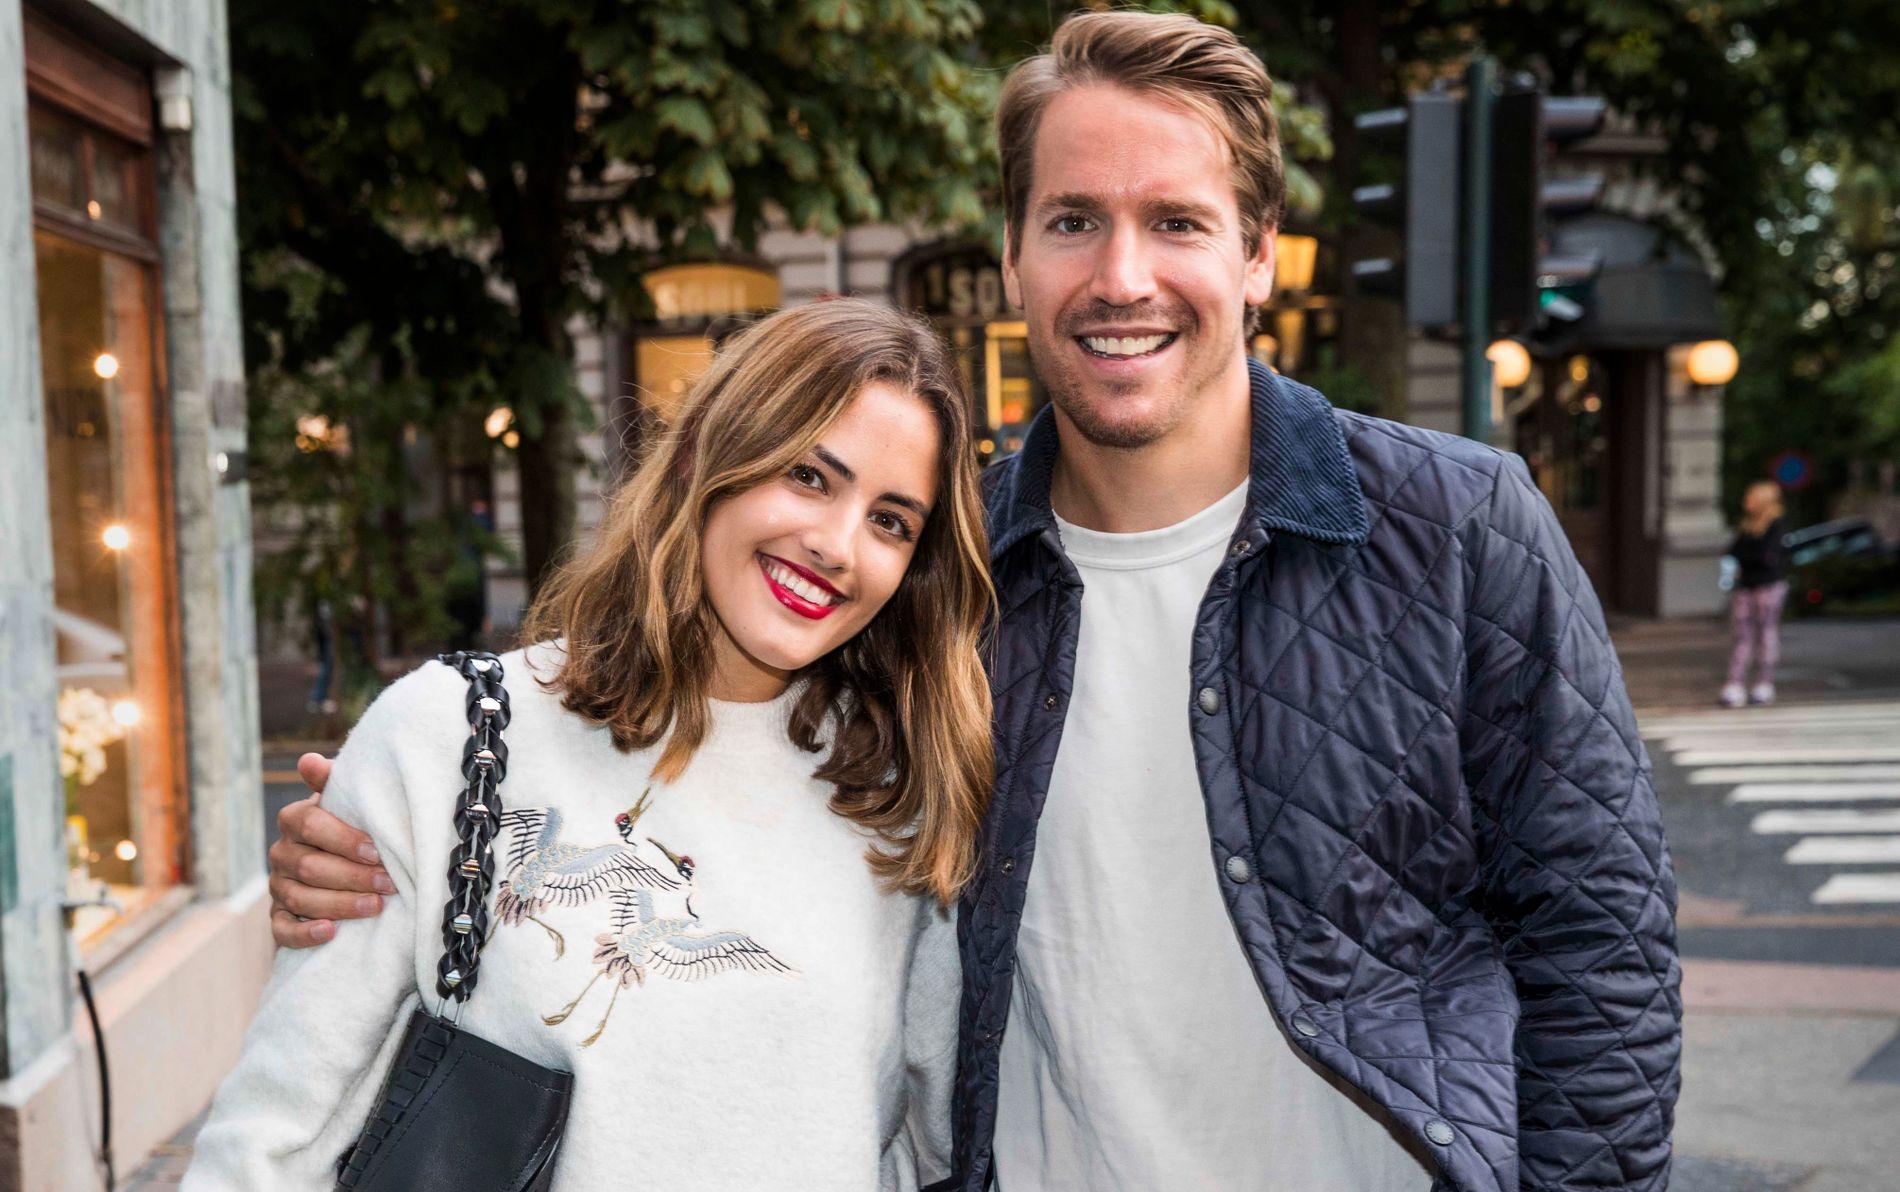 ENDELIG FRI: Samantha Skogrand og Emil Hegle Svendsen har endelig fått «et normalt liv» sammen.